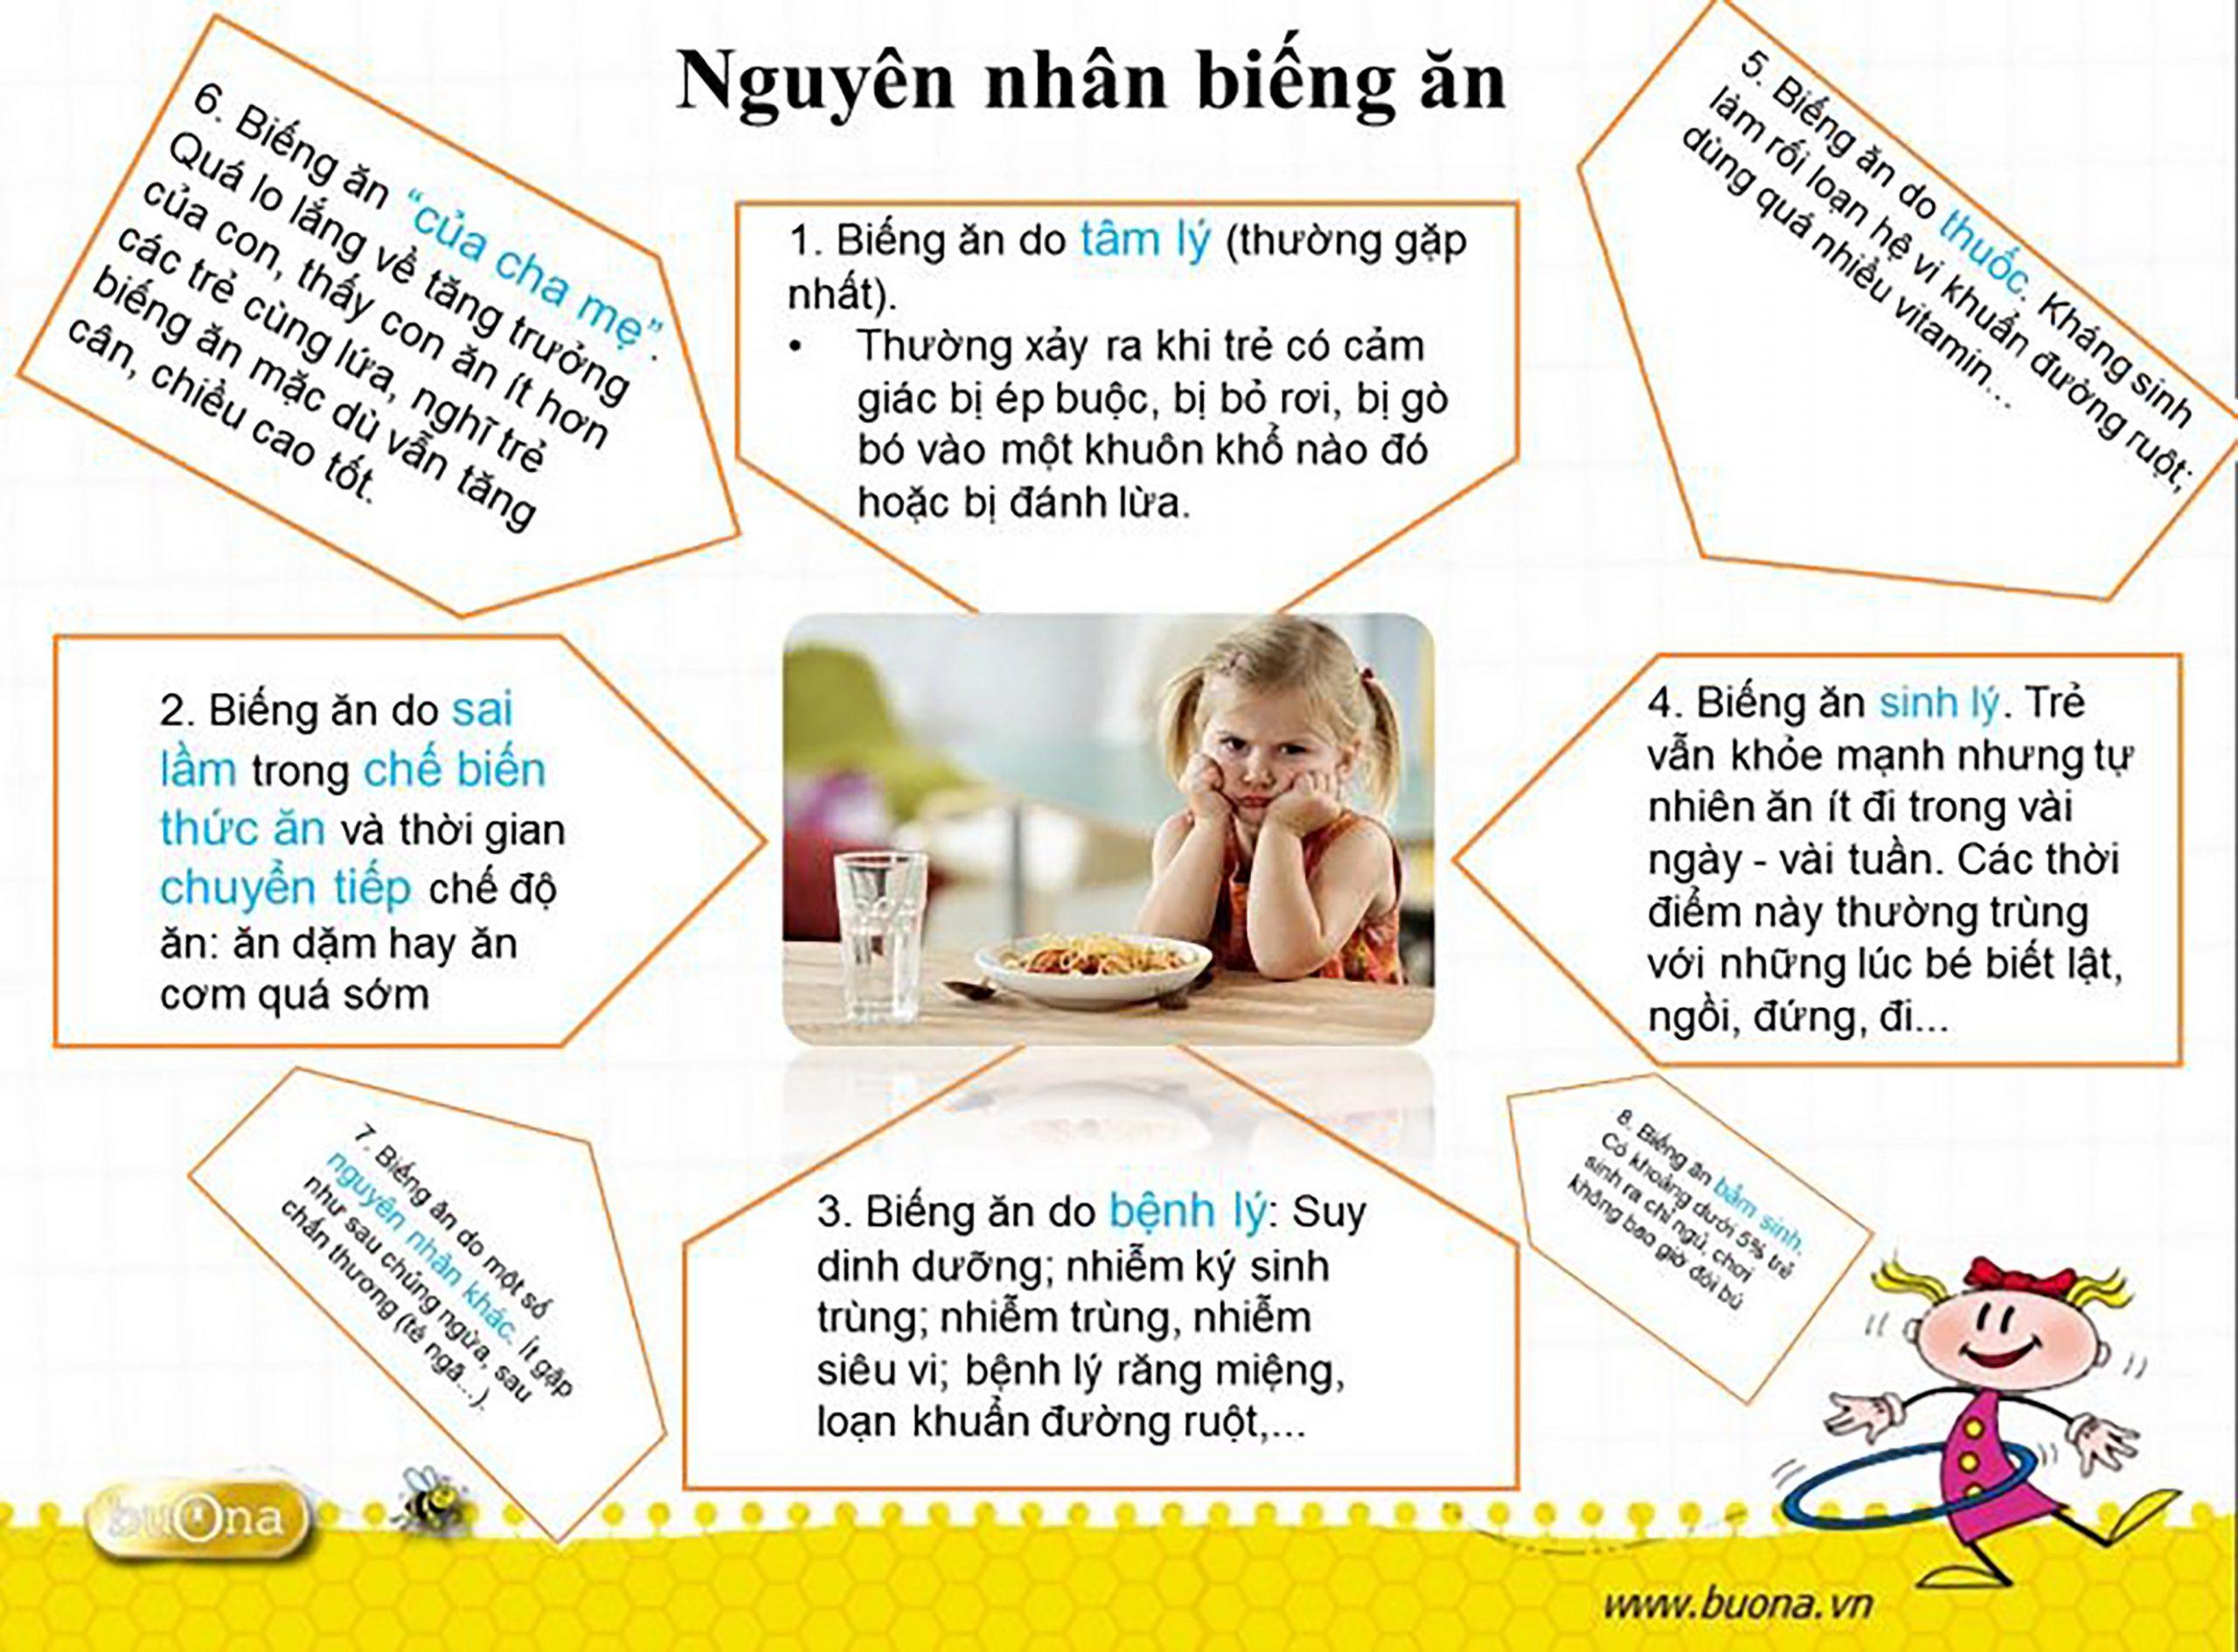 Các nguyên nhân chính gây biếng ăn ở trẻ